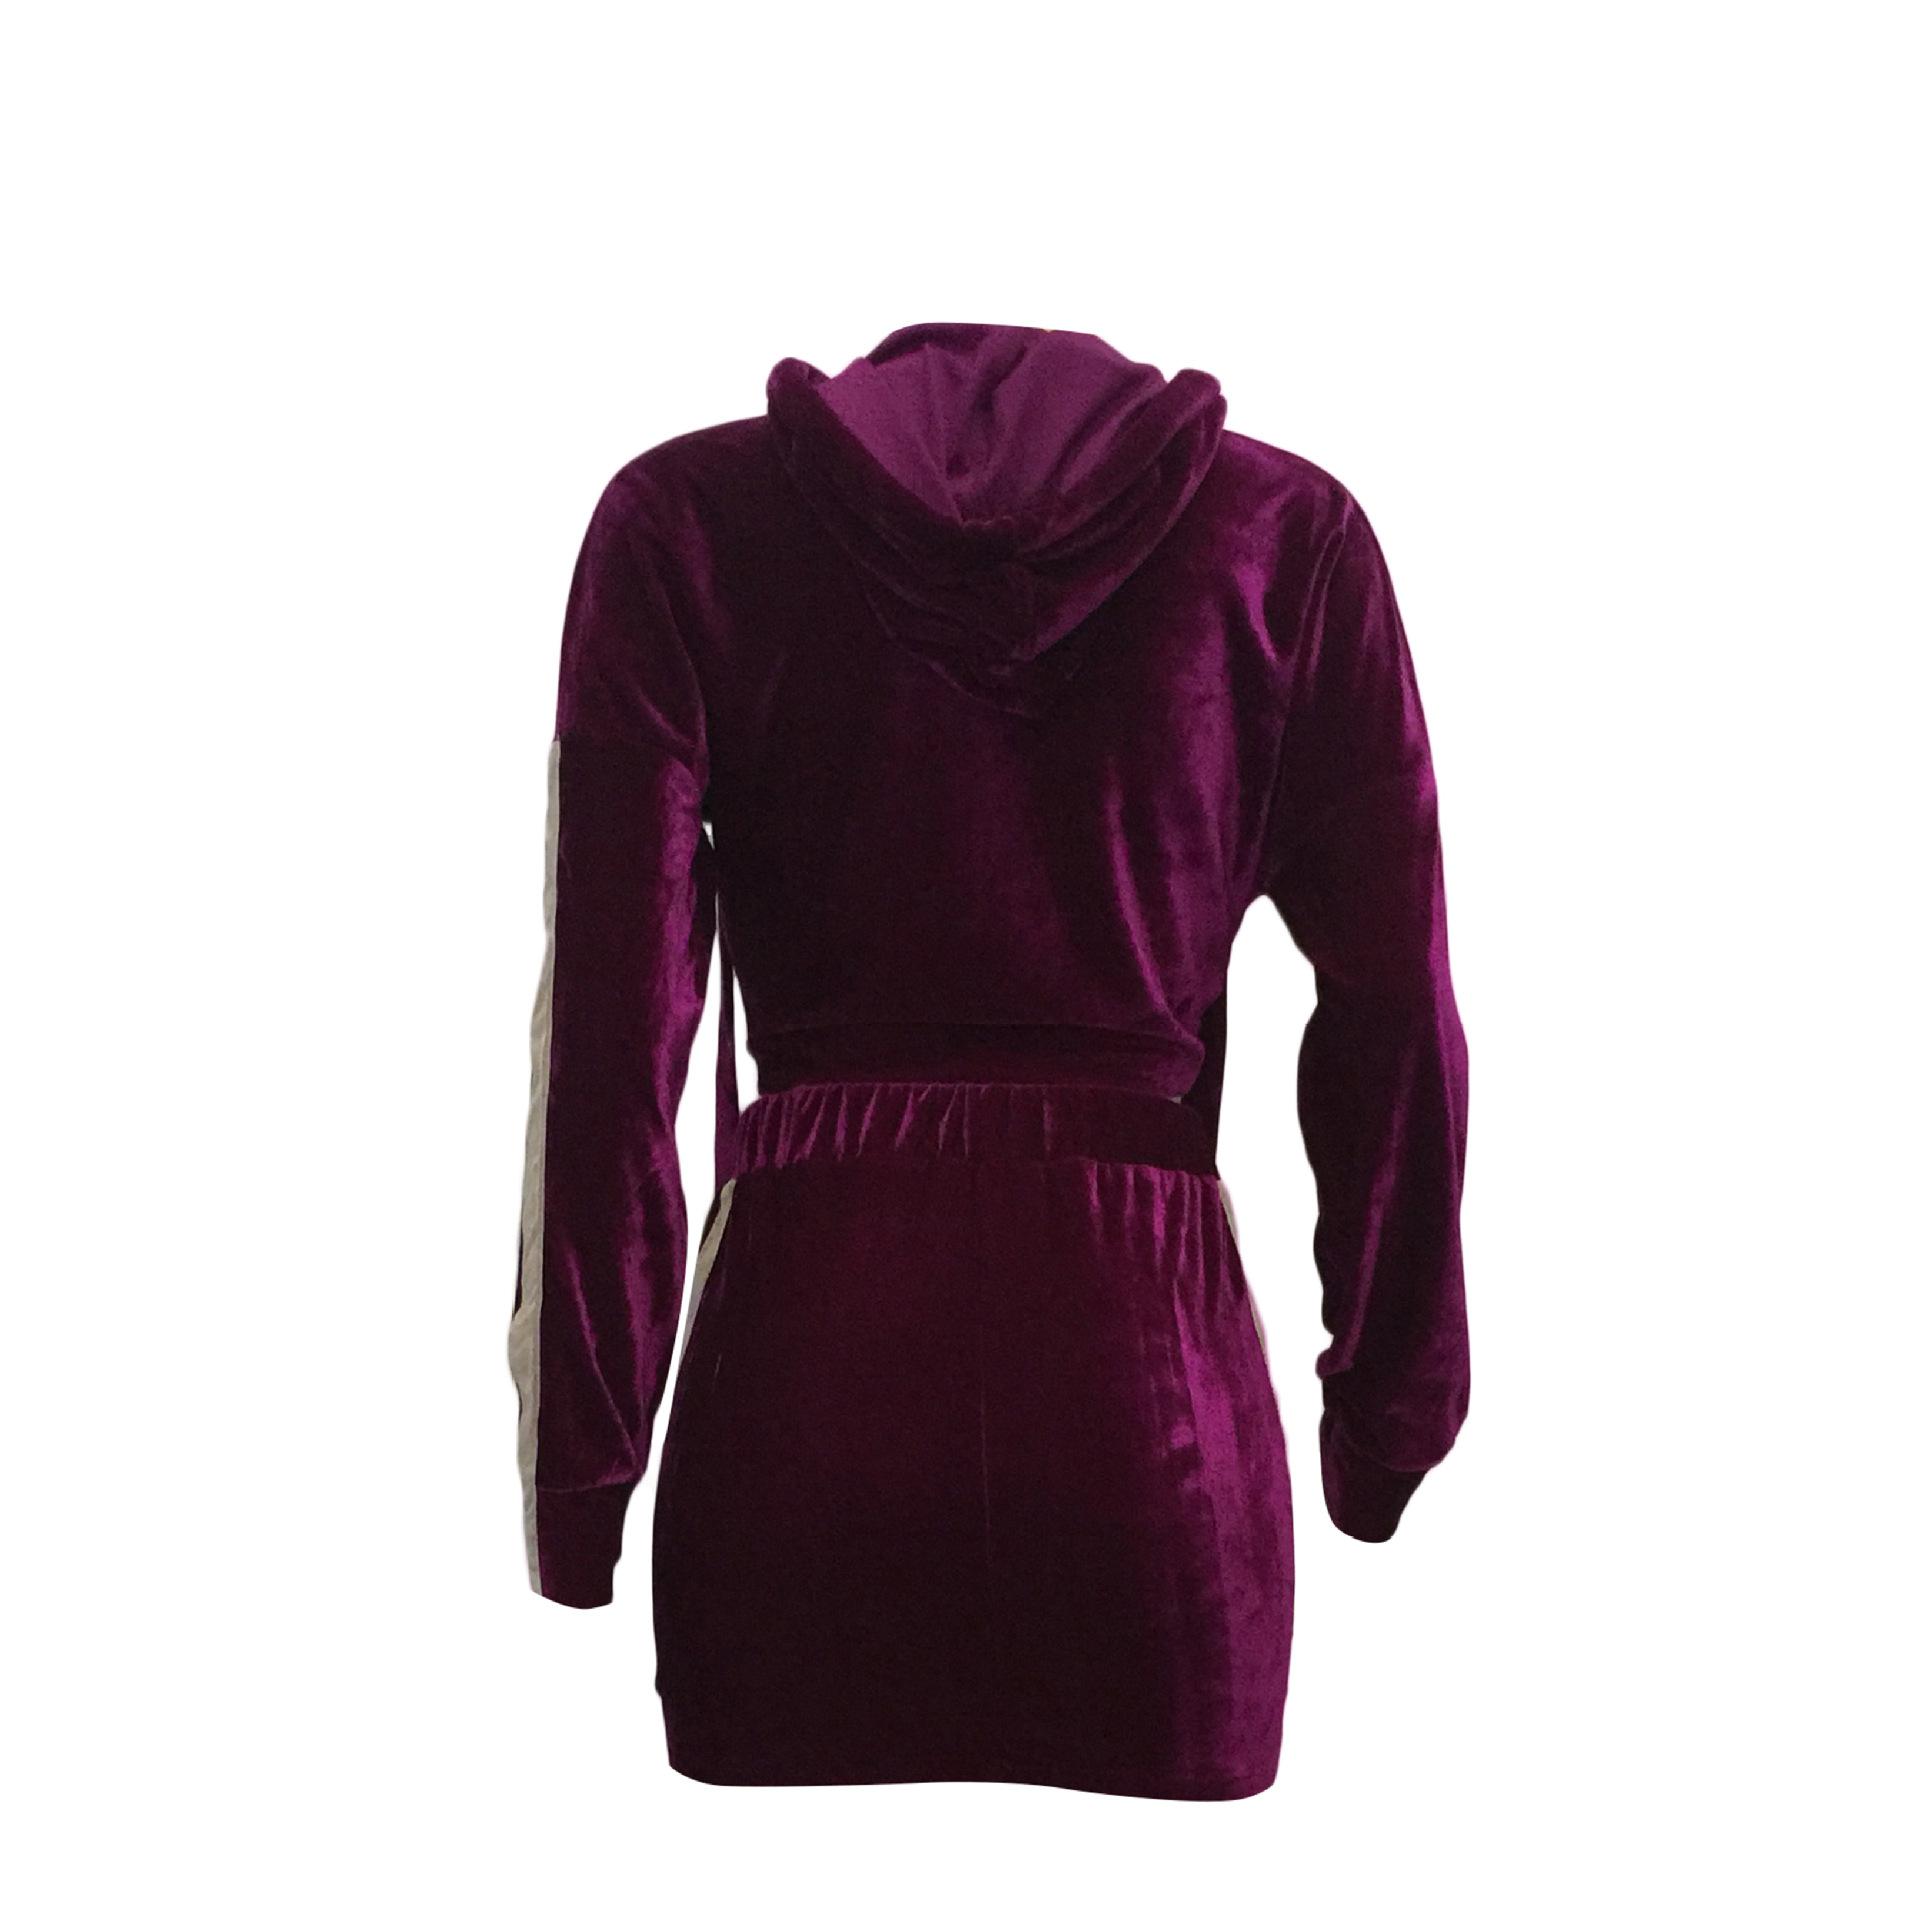 lovelywholesale clothing